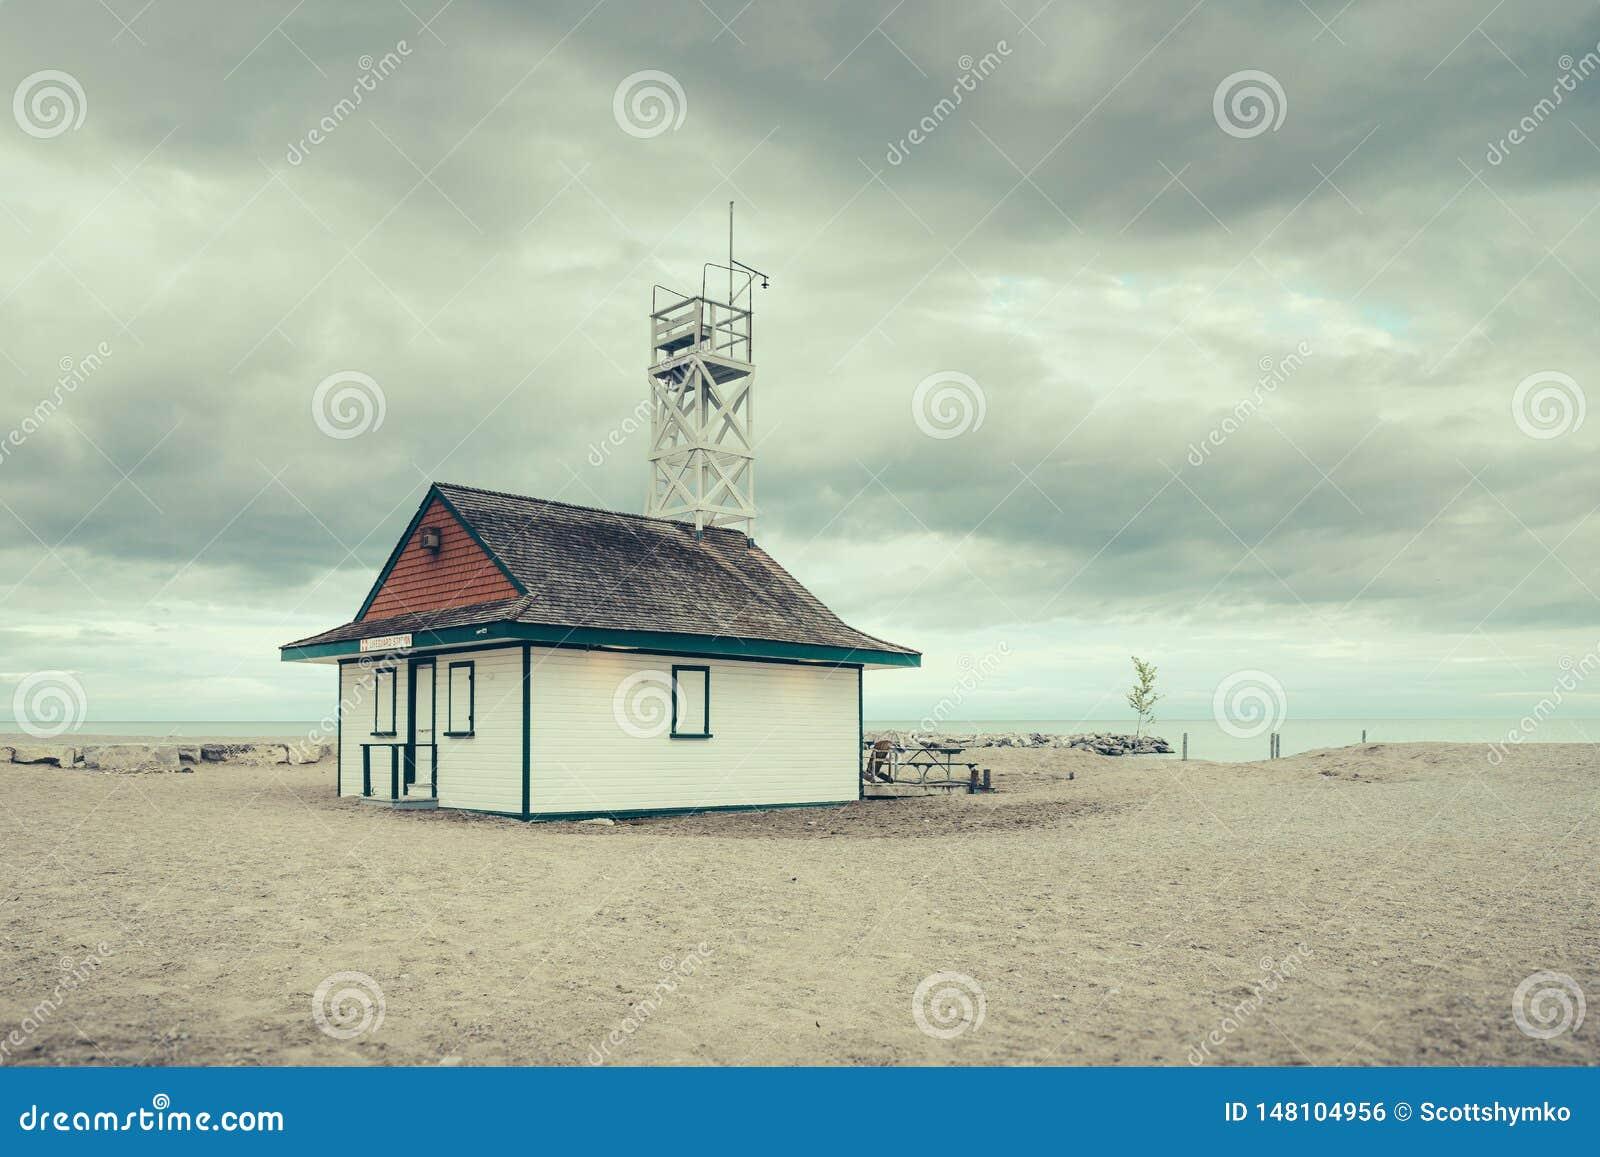 Ratownik stacja przeciw chmurzącemu niebu